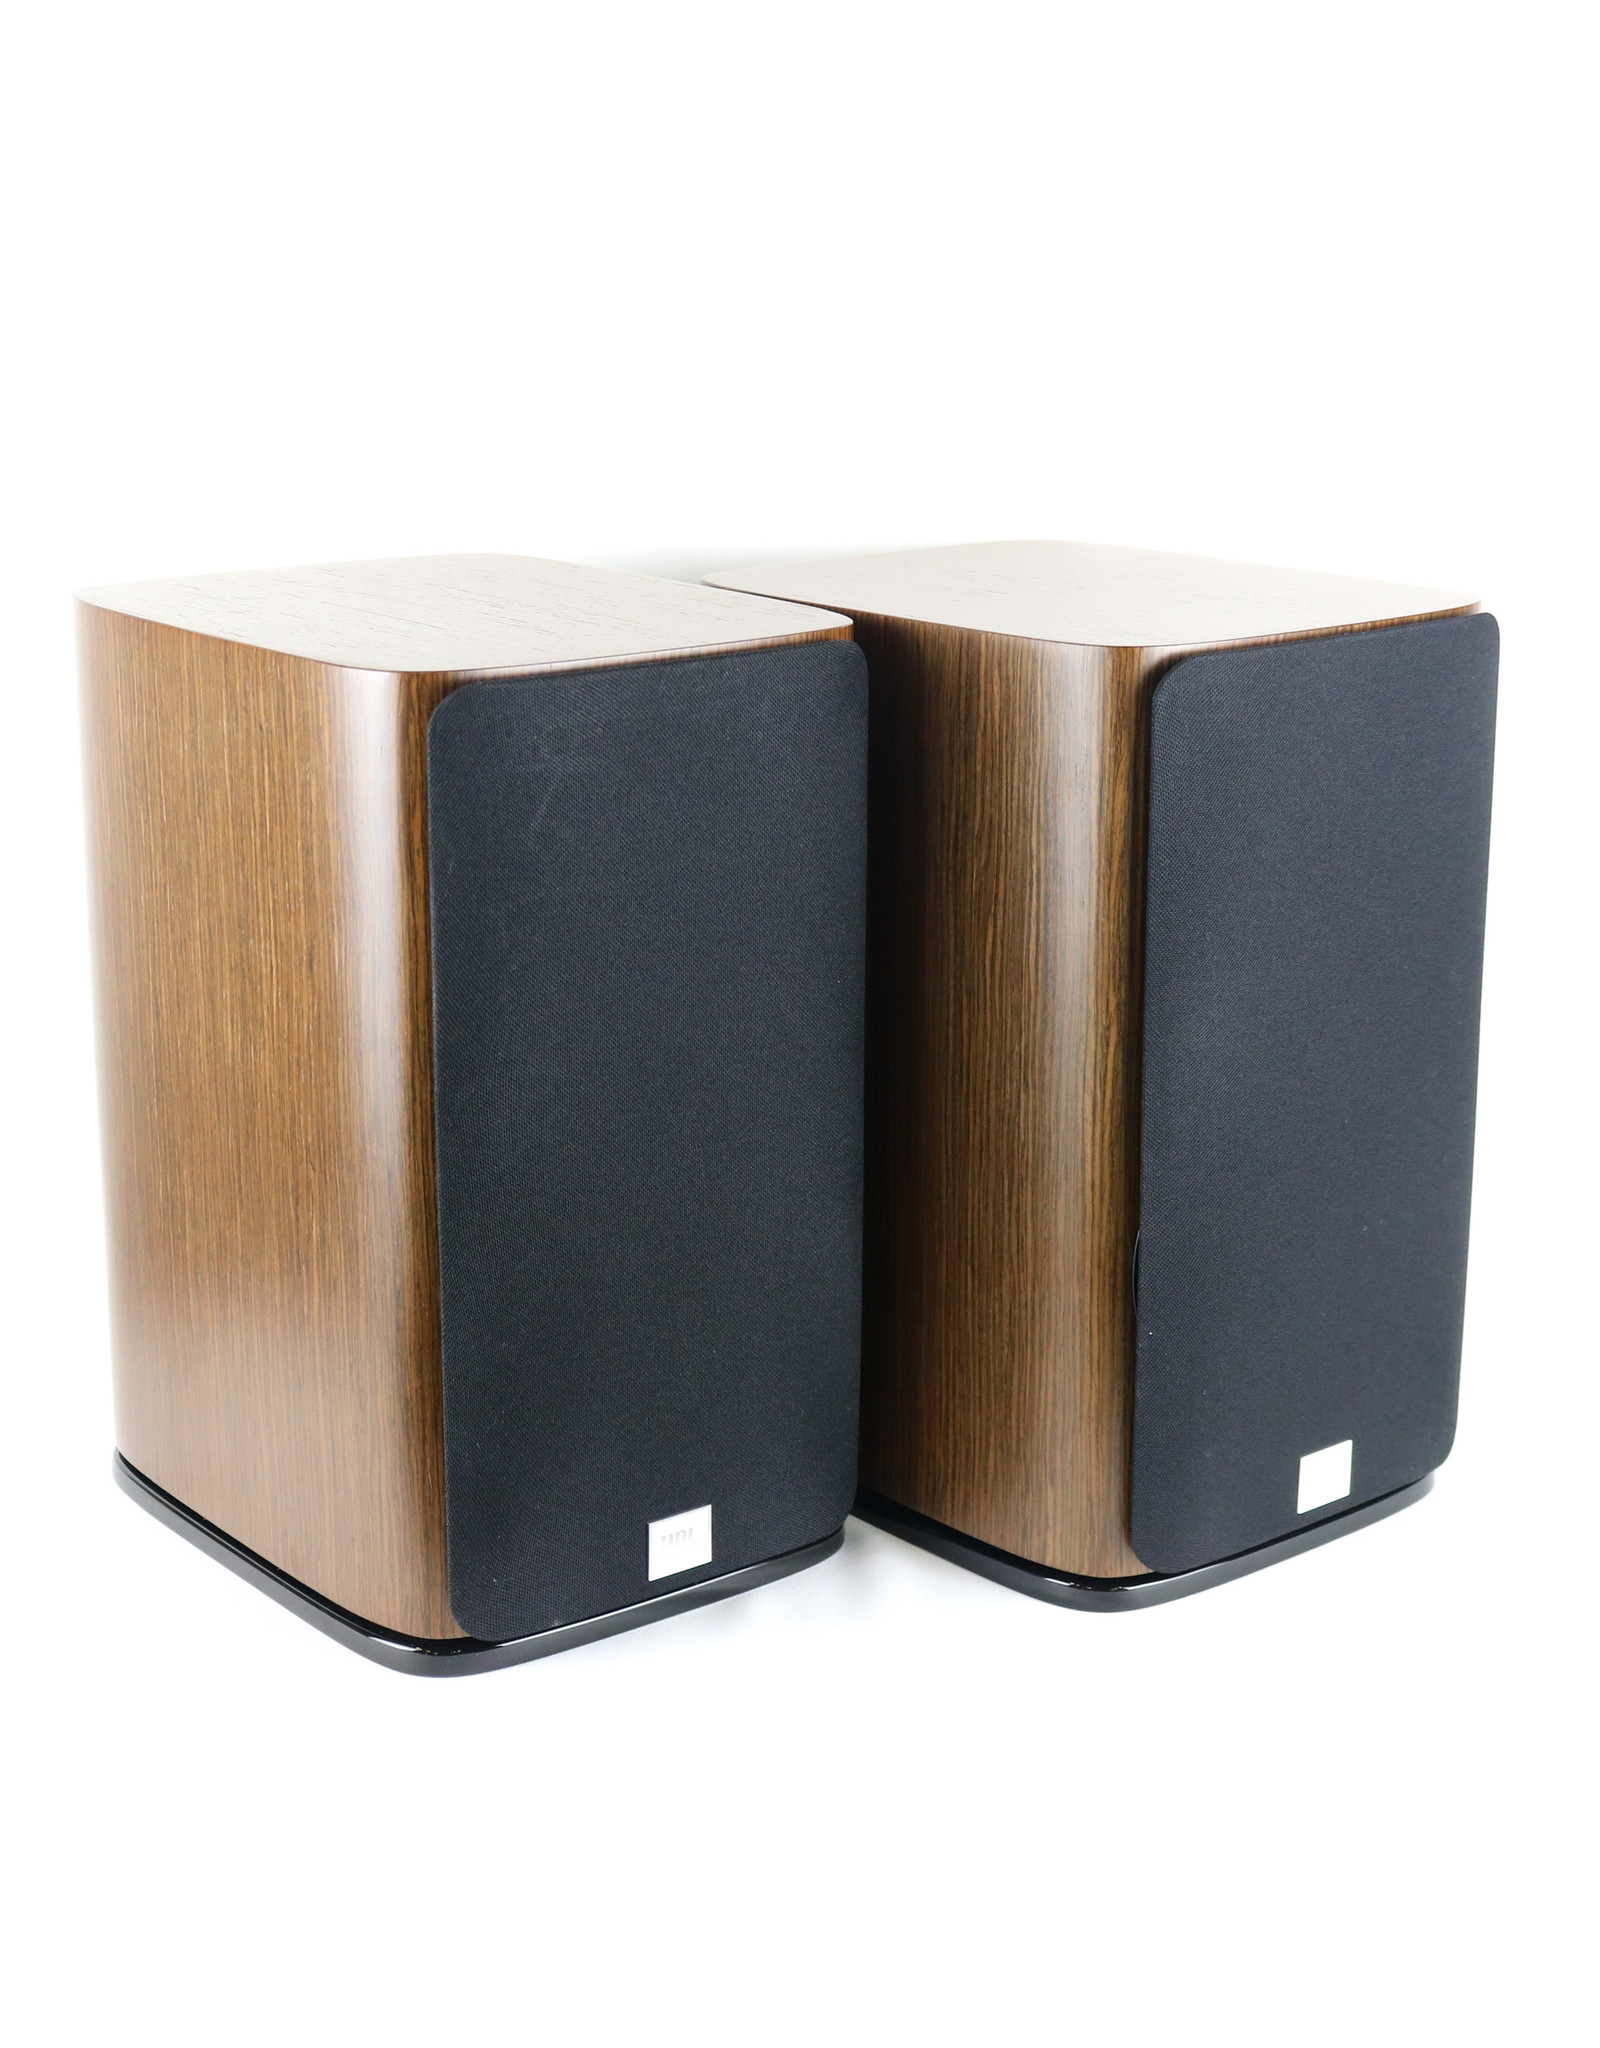 JBL JBL HDI-1600 Bookshelf Speakers (Pair) Walnut EX-DEMO (Not Used)